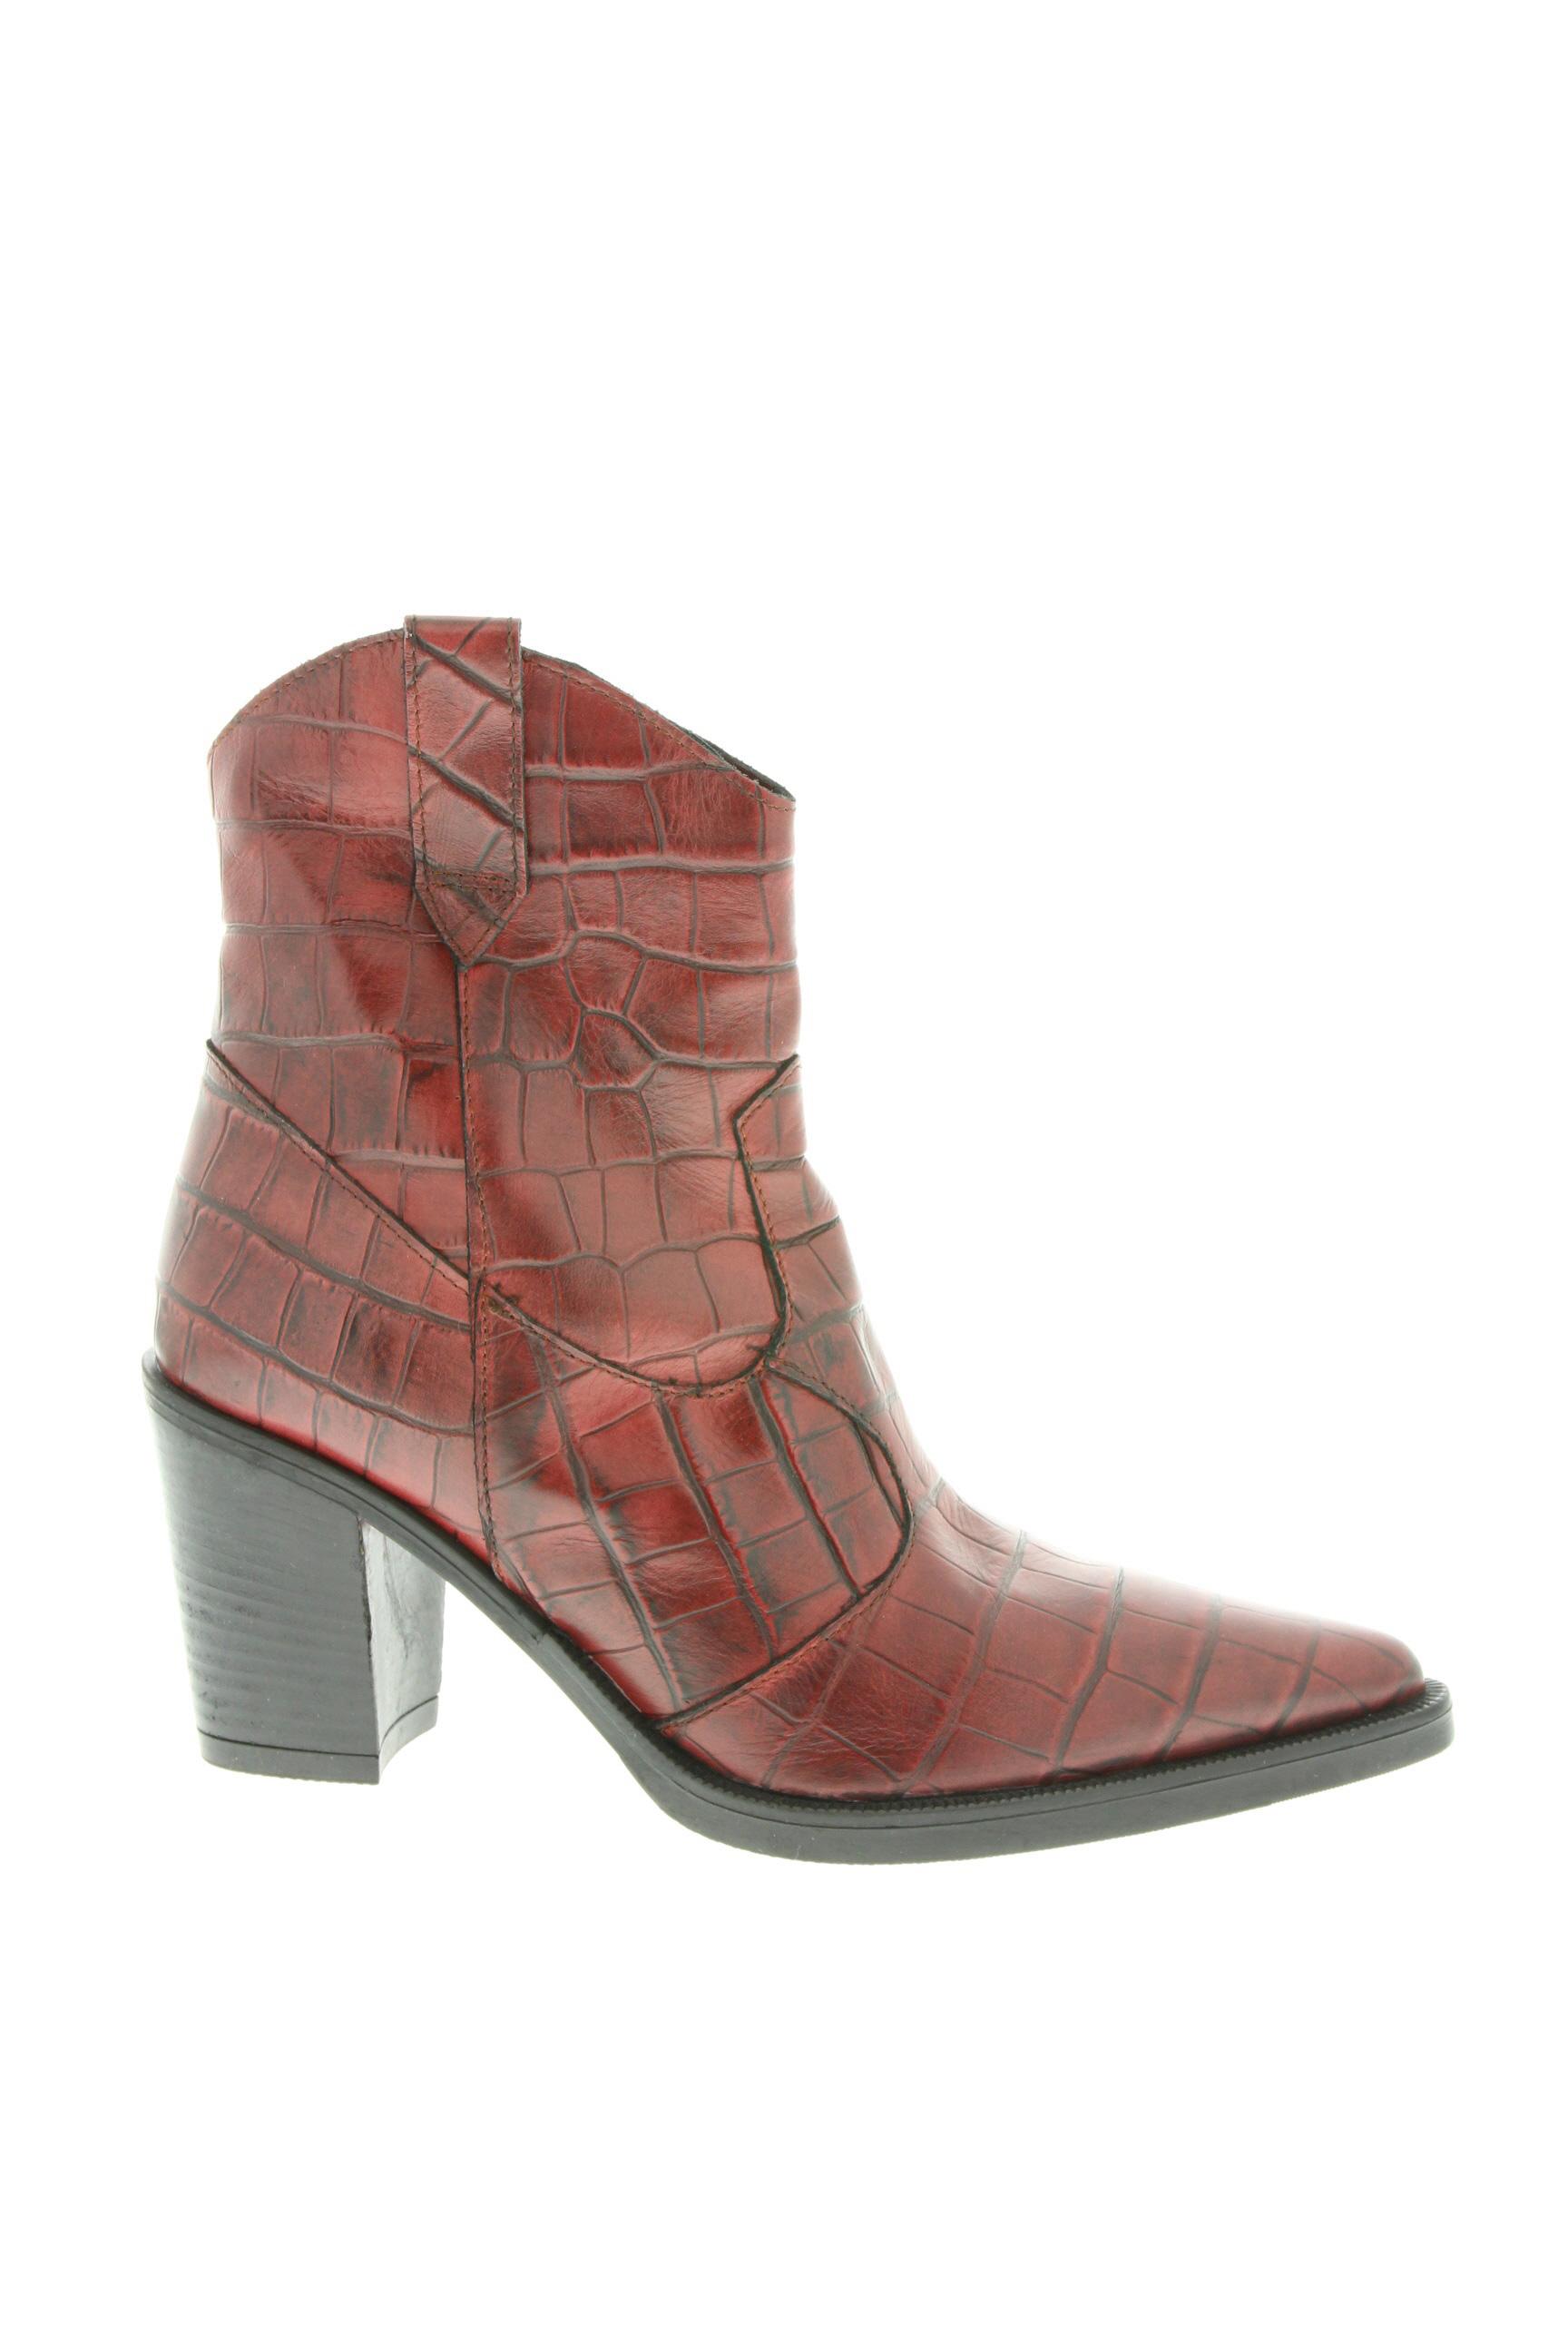 Bottines/Boots femme Emanuele Crasto rouge taille : 40 89 FR (FR)